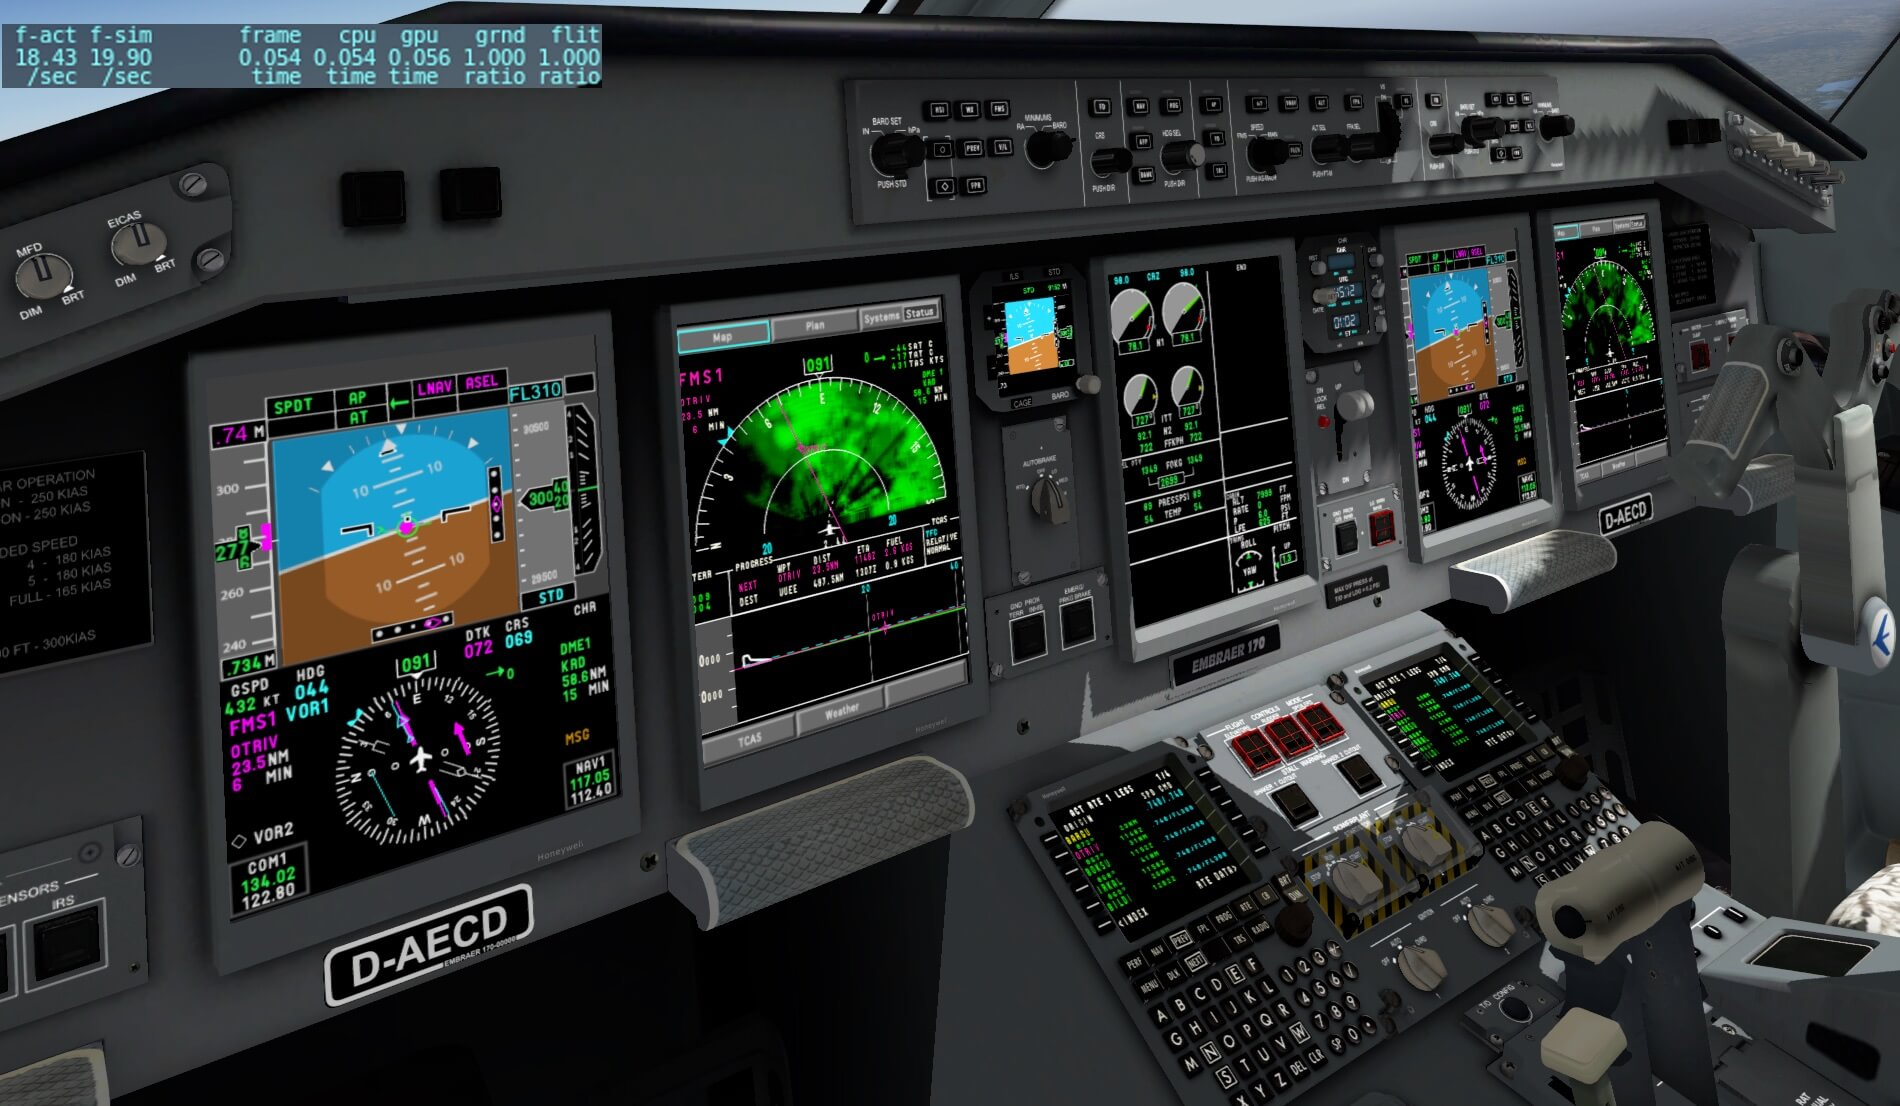 Review | SSG E-Jet Evolution E-170 Series | X-Plained, the